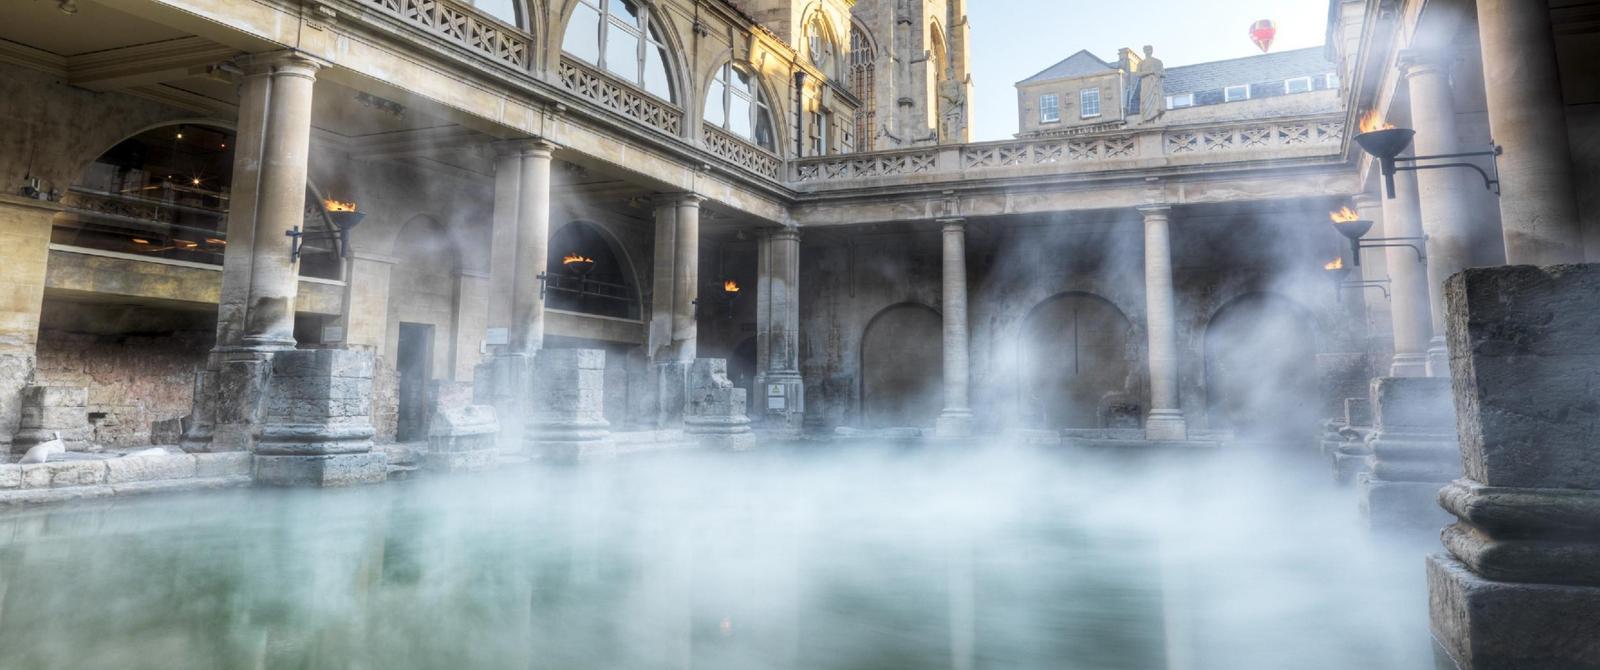 巴斯罗马浴场博物馆